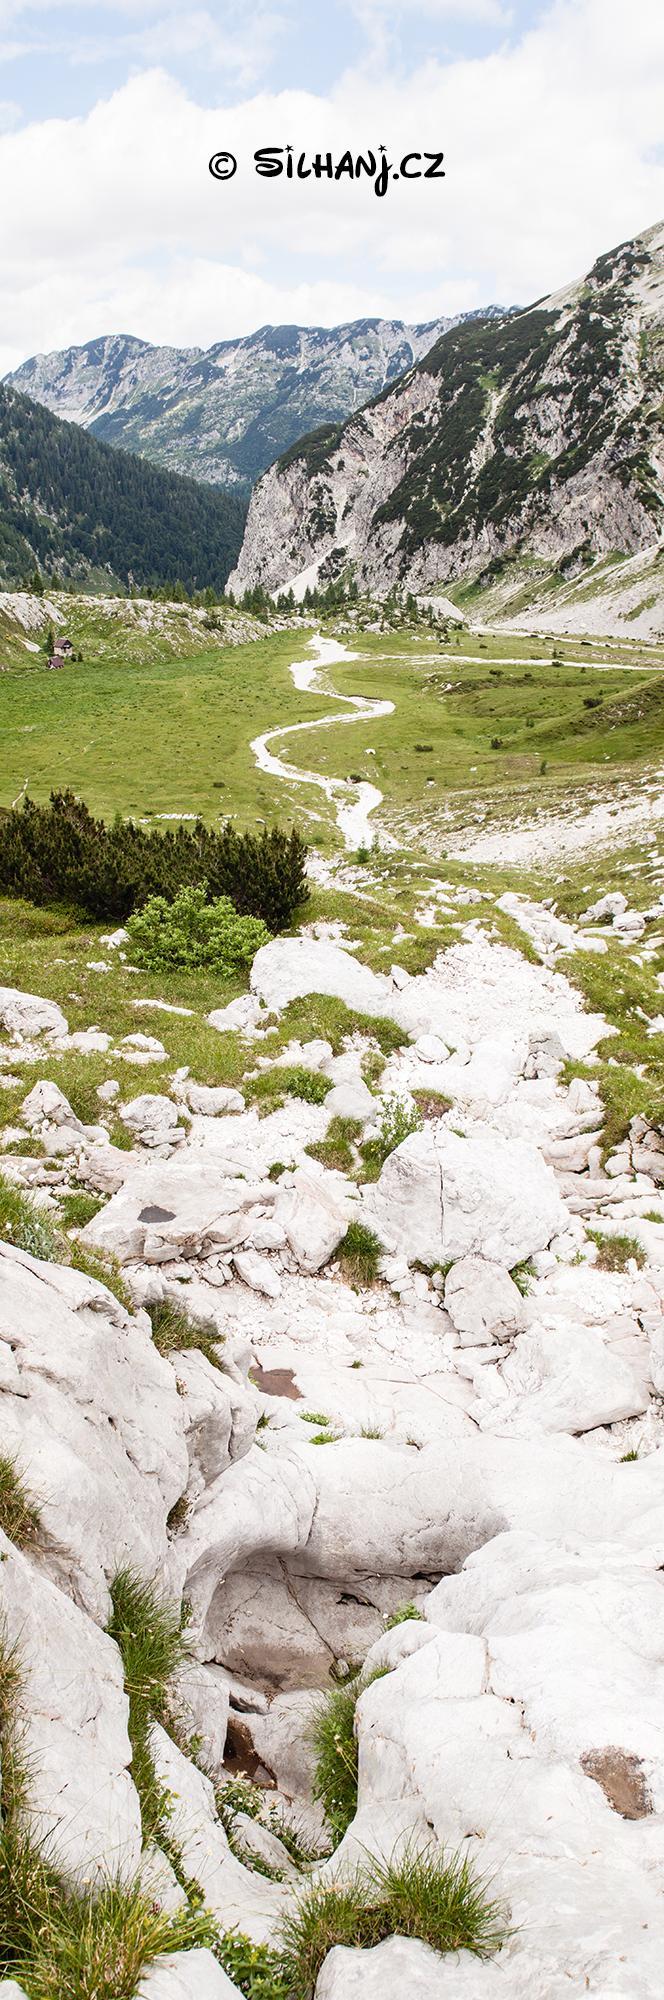 Kamenitá cesta